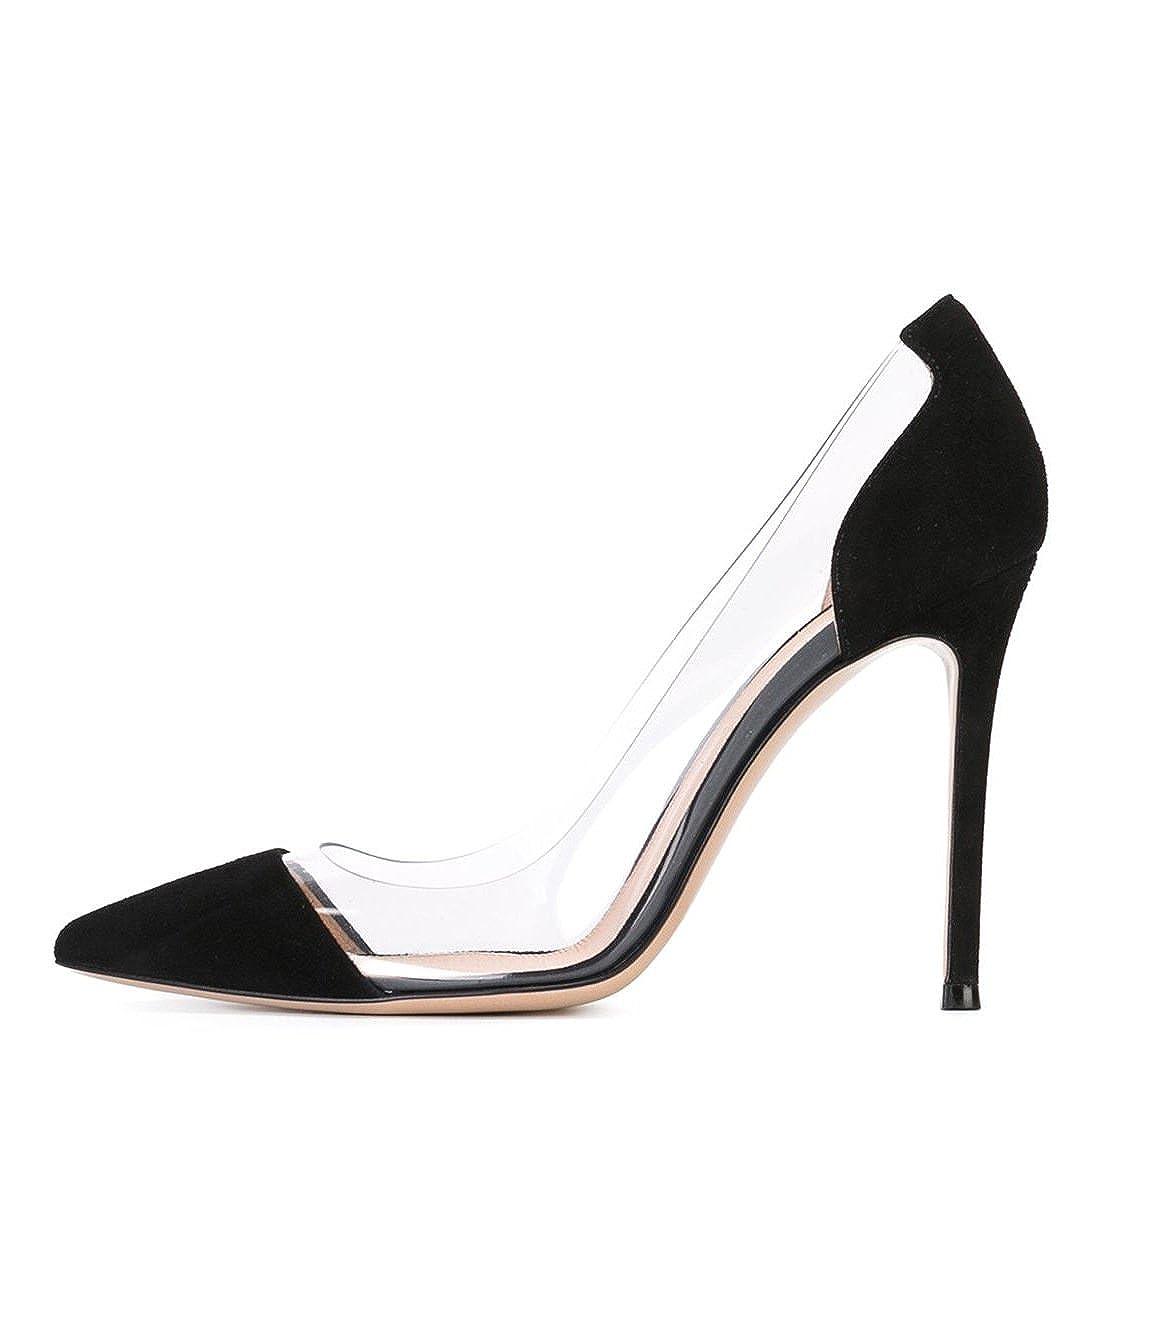 FYM Schuhe DYF Transparent Frauen Nackt Scharfe Feine Schuhe High Heel Transparent DYF Office, 10 cm, Schwarz, 39 - dfd050